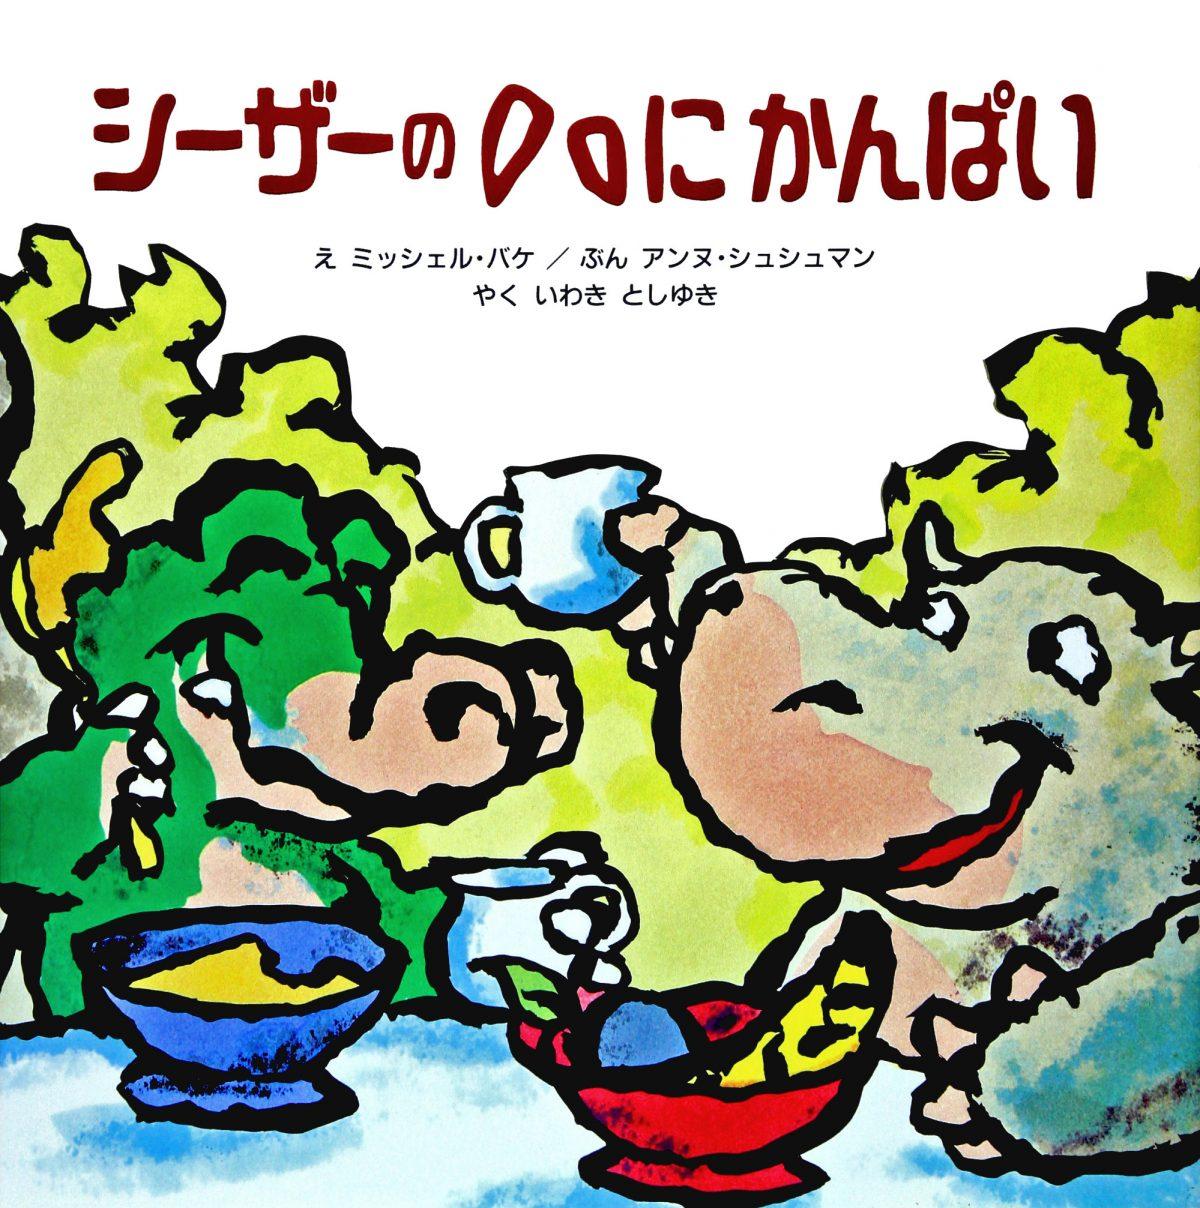 絵本「シーザーのハにかんぱい」の表紙